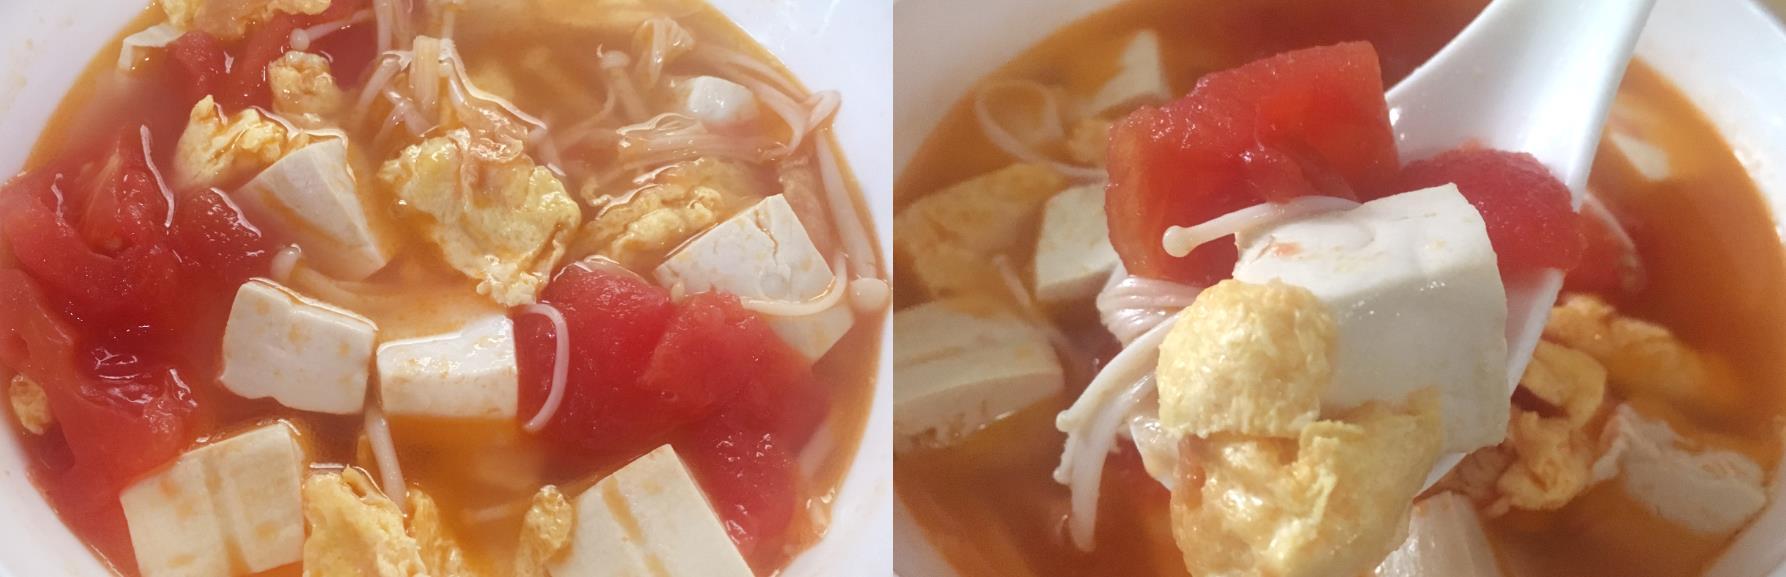 高营养减肥汤,番茄金针菇鸡蛋豆腐汤,简单易做,一次成功!